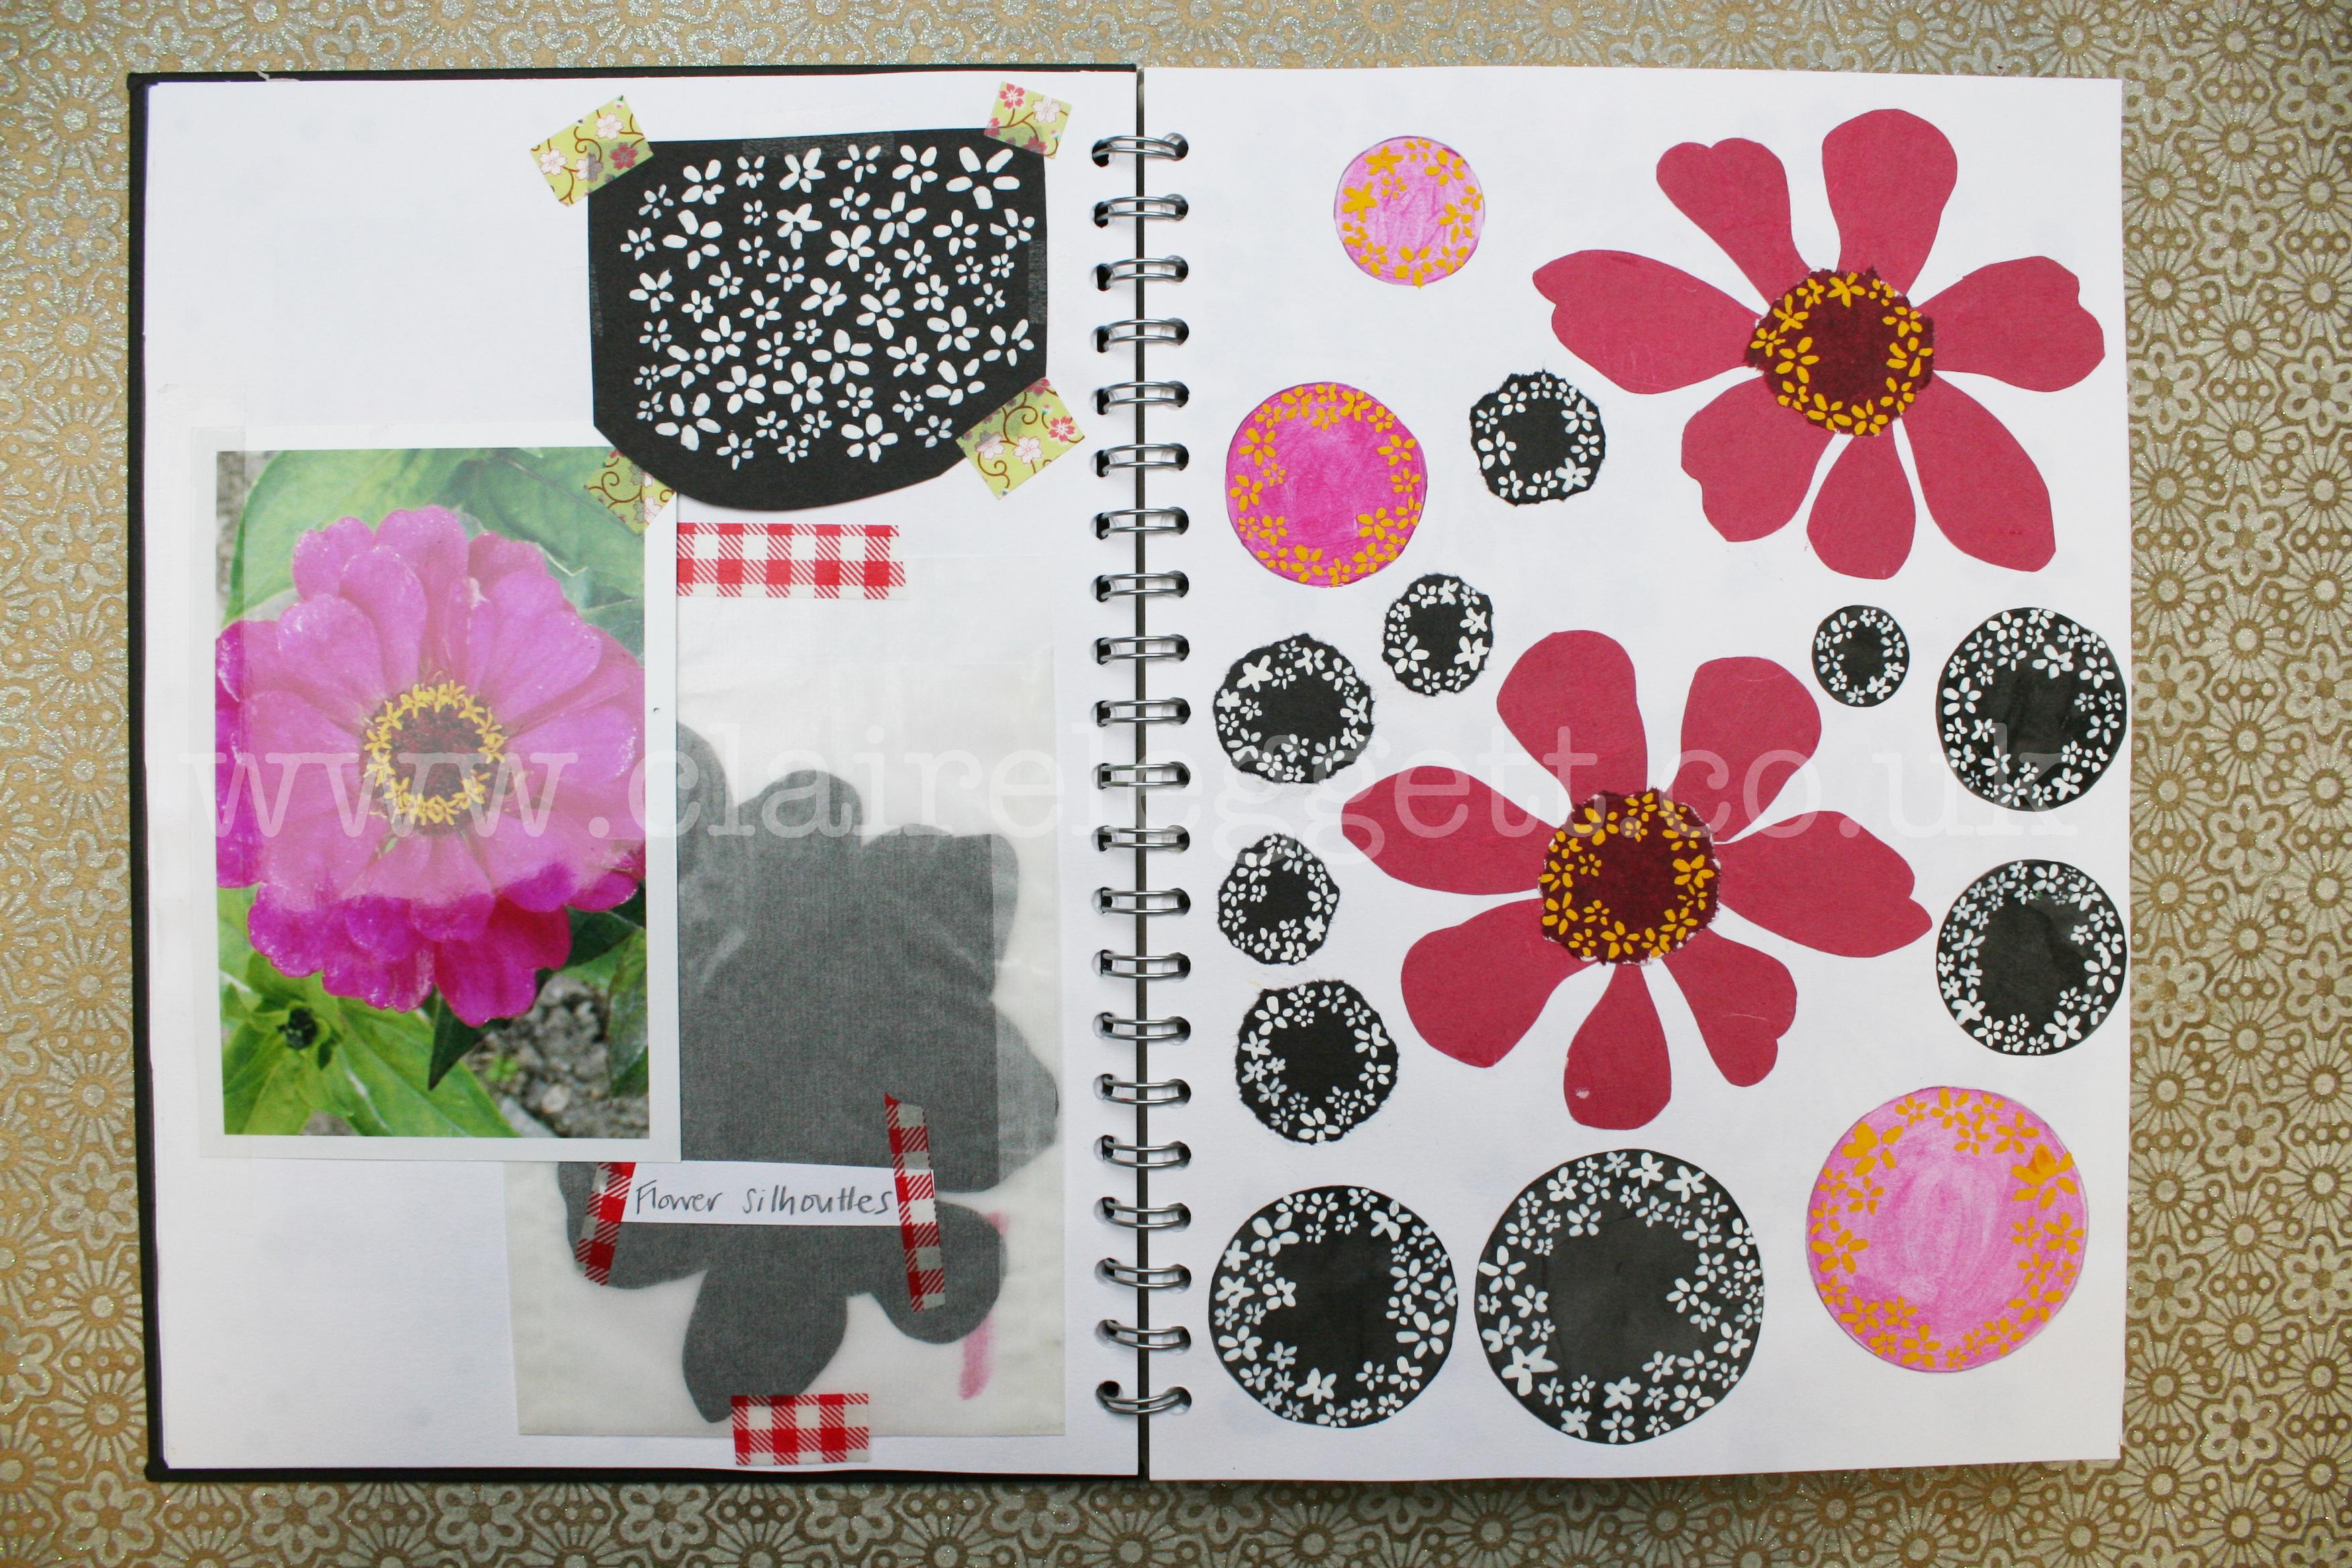 claire_leggett_artist_designer_11